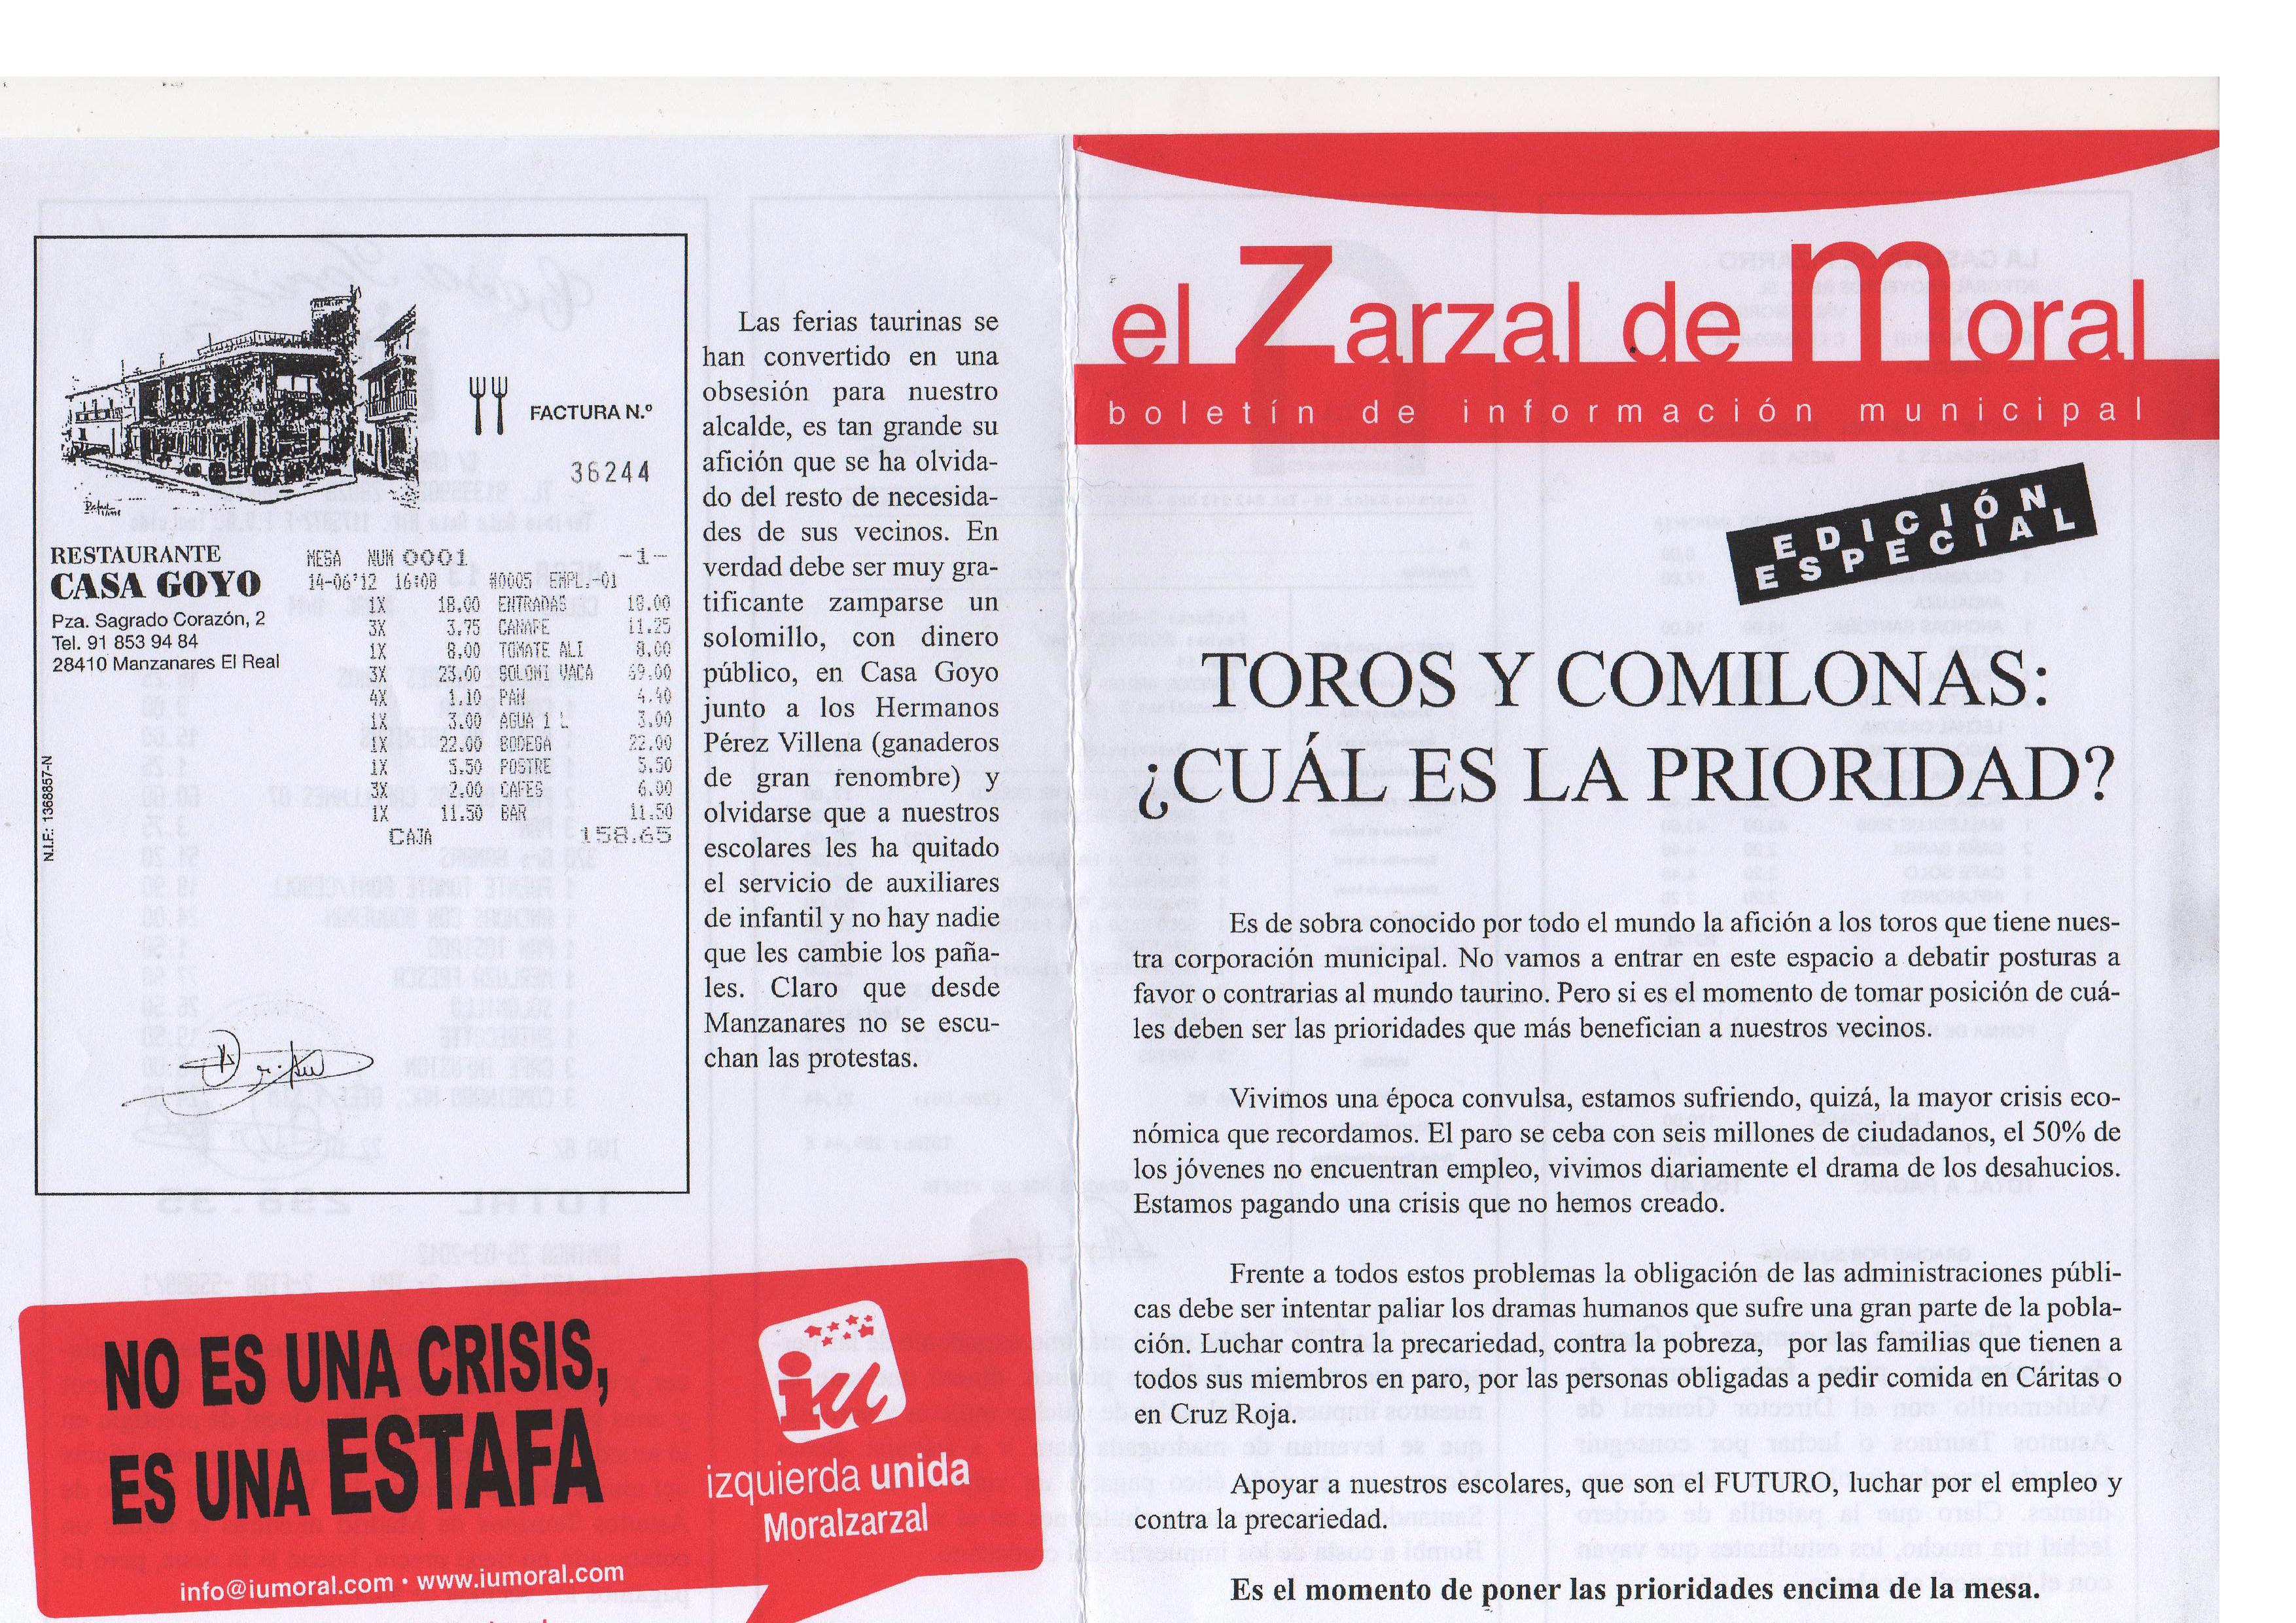 Zarzal especial toros y comilonas 2012